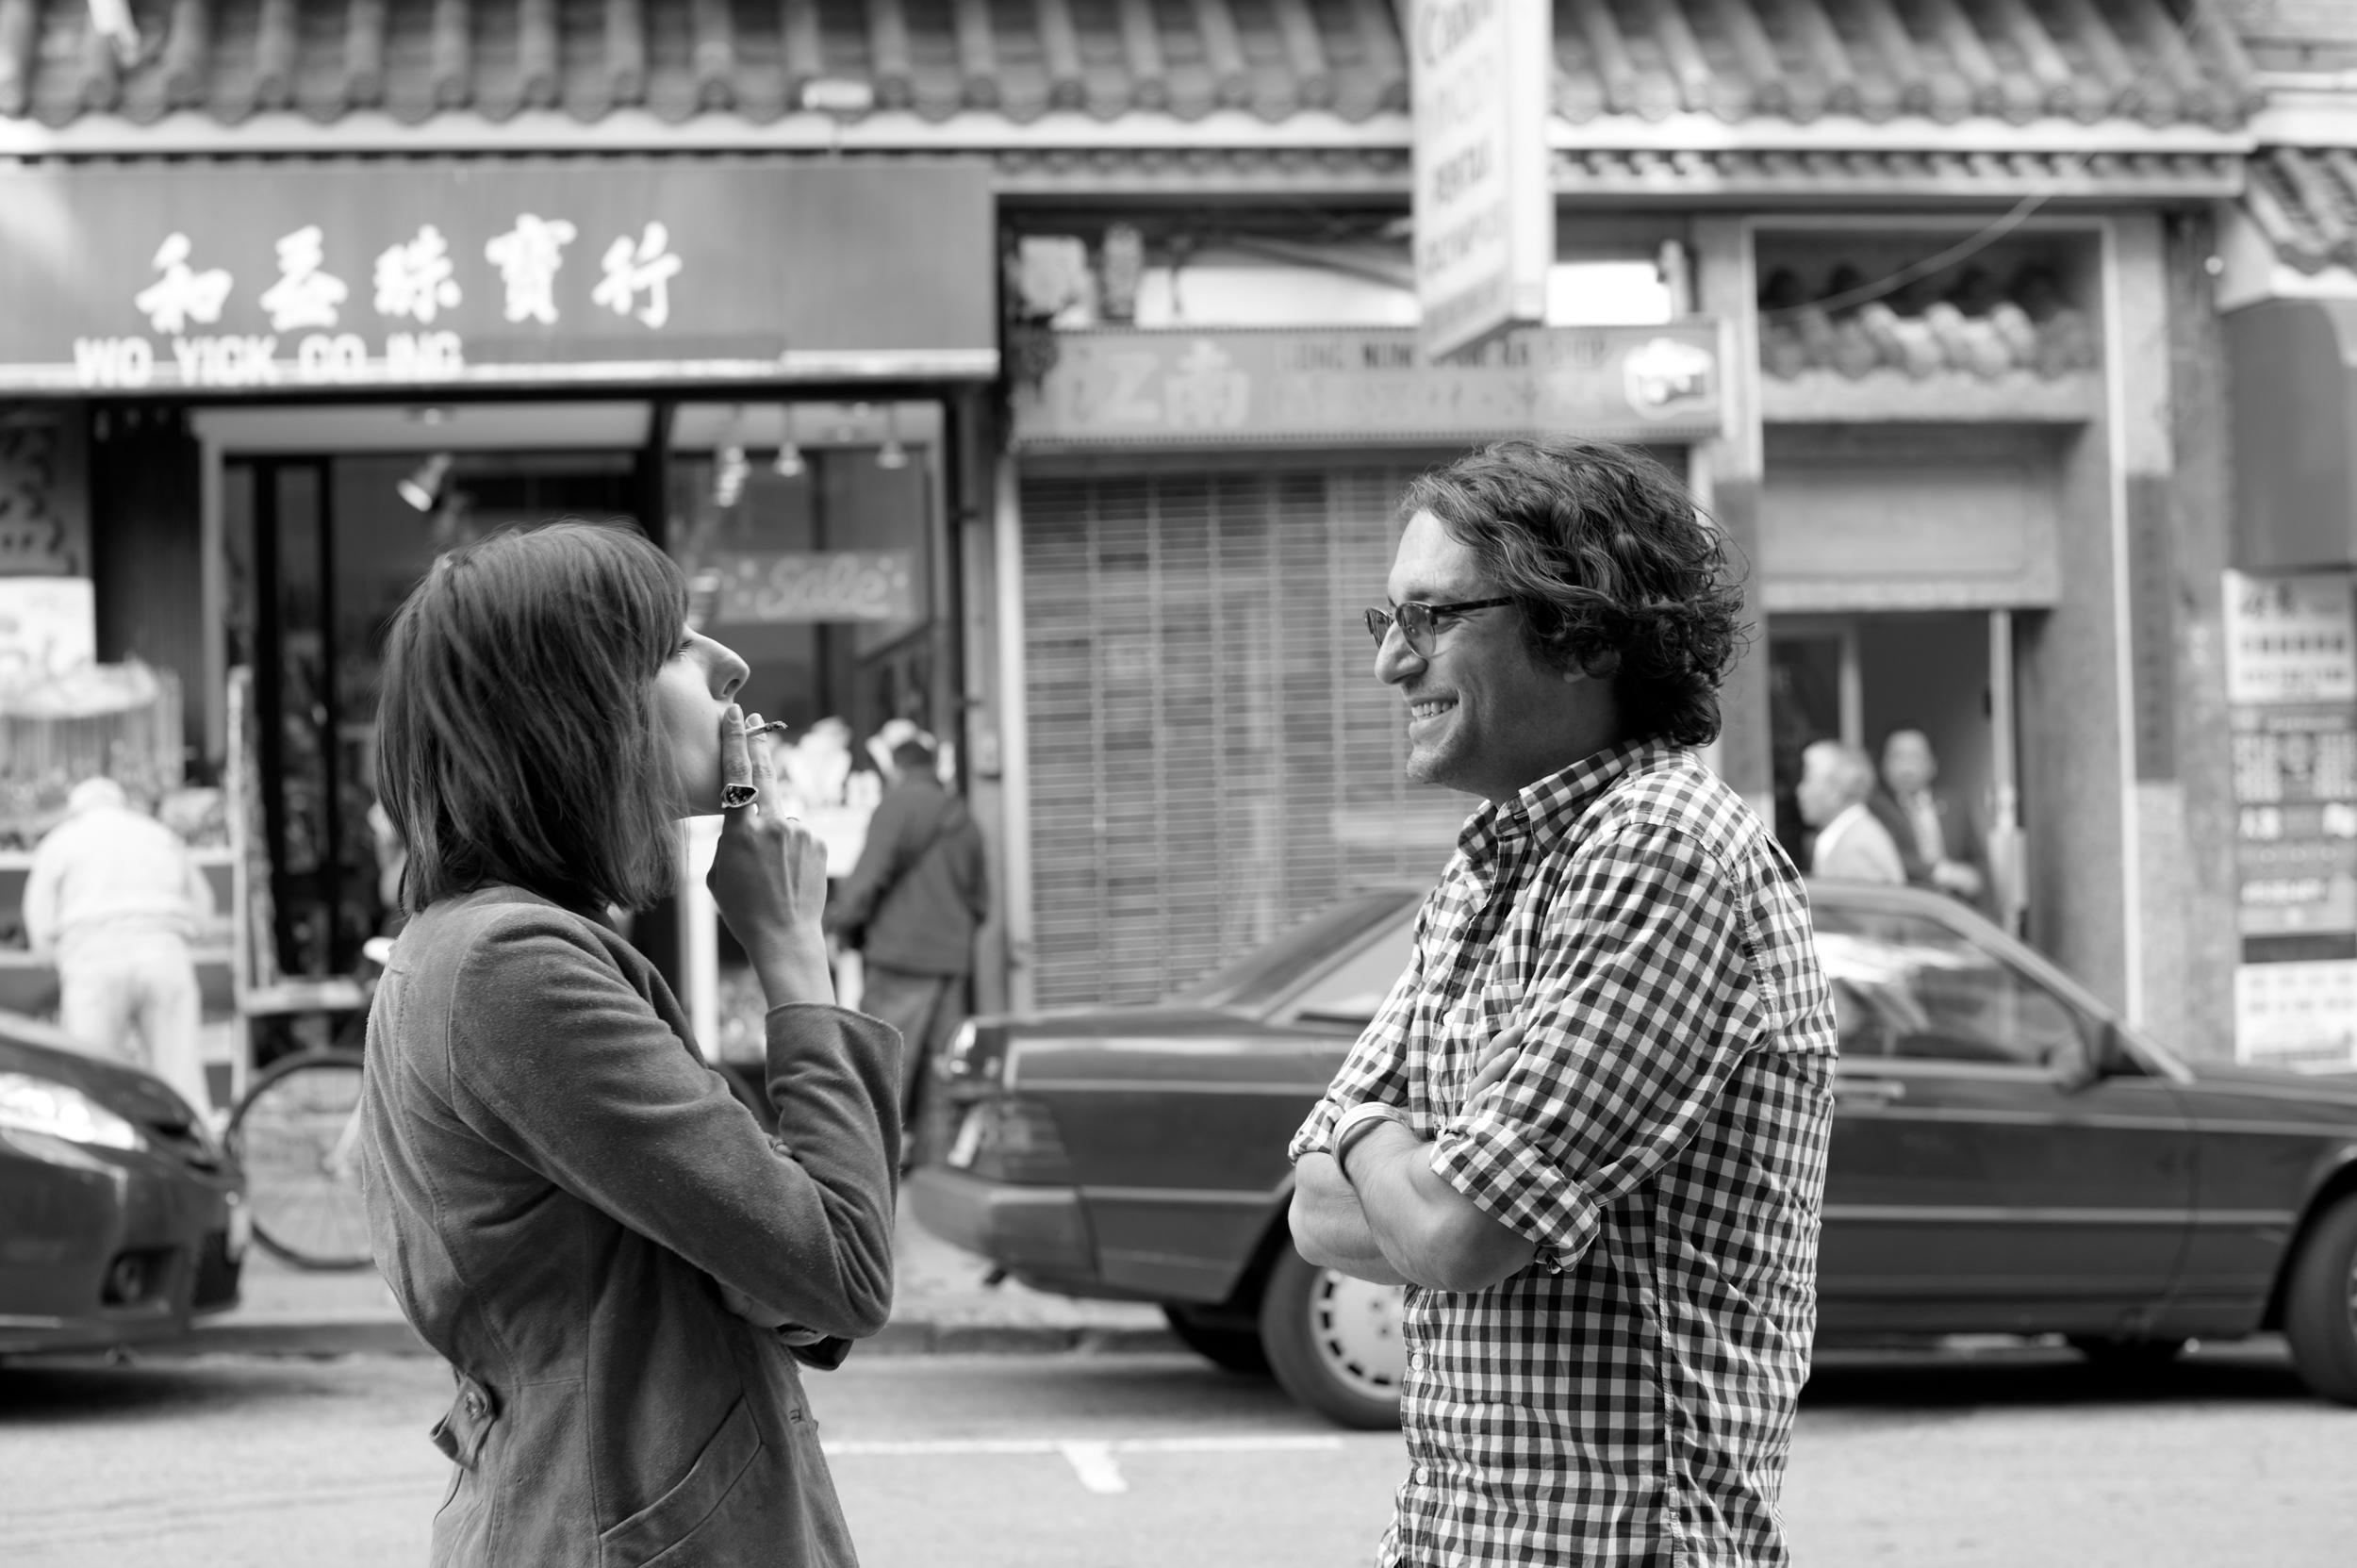 Chinatown0511-2.jpg